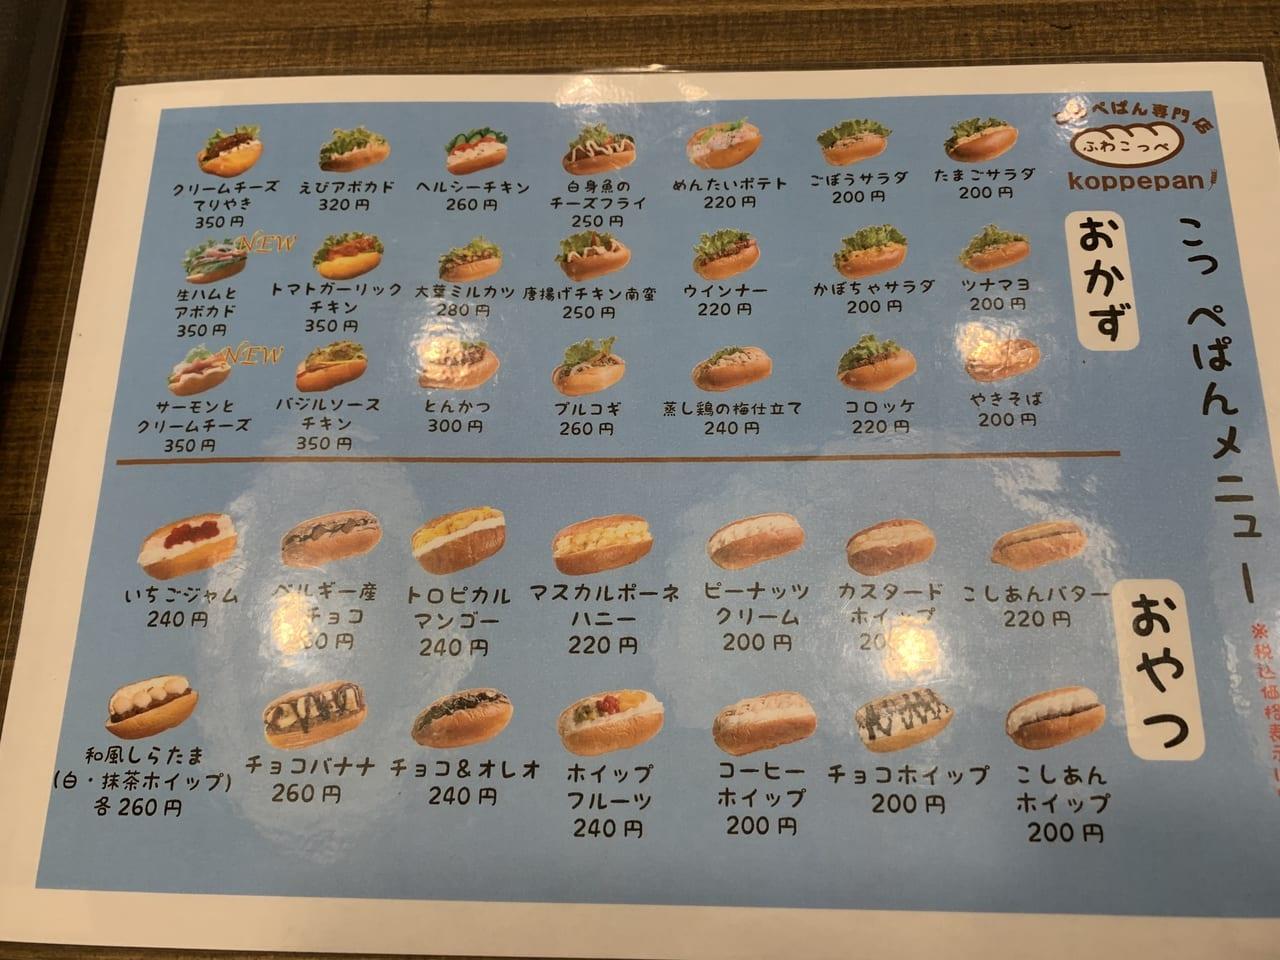 こっ ぺ ふわ 【倉敷市】KURASHIKIふわふわ給食室「ふわこっぺ倉敷店」オープン!話題のマリトッツォも。